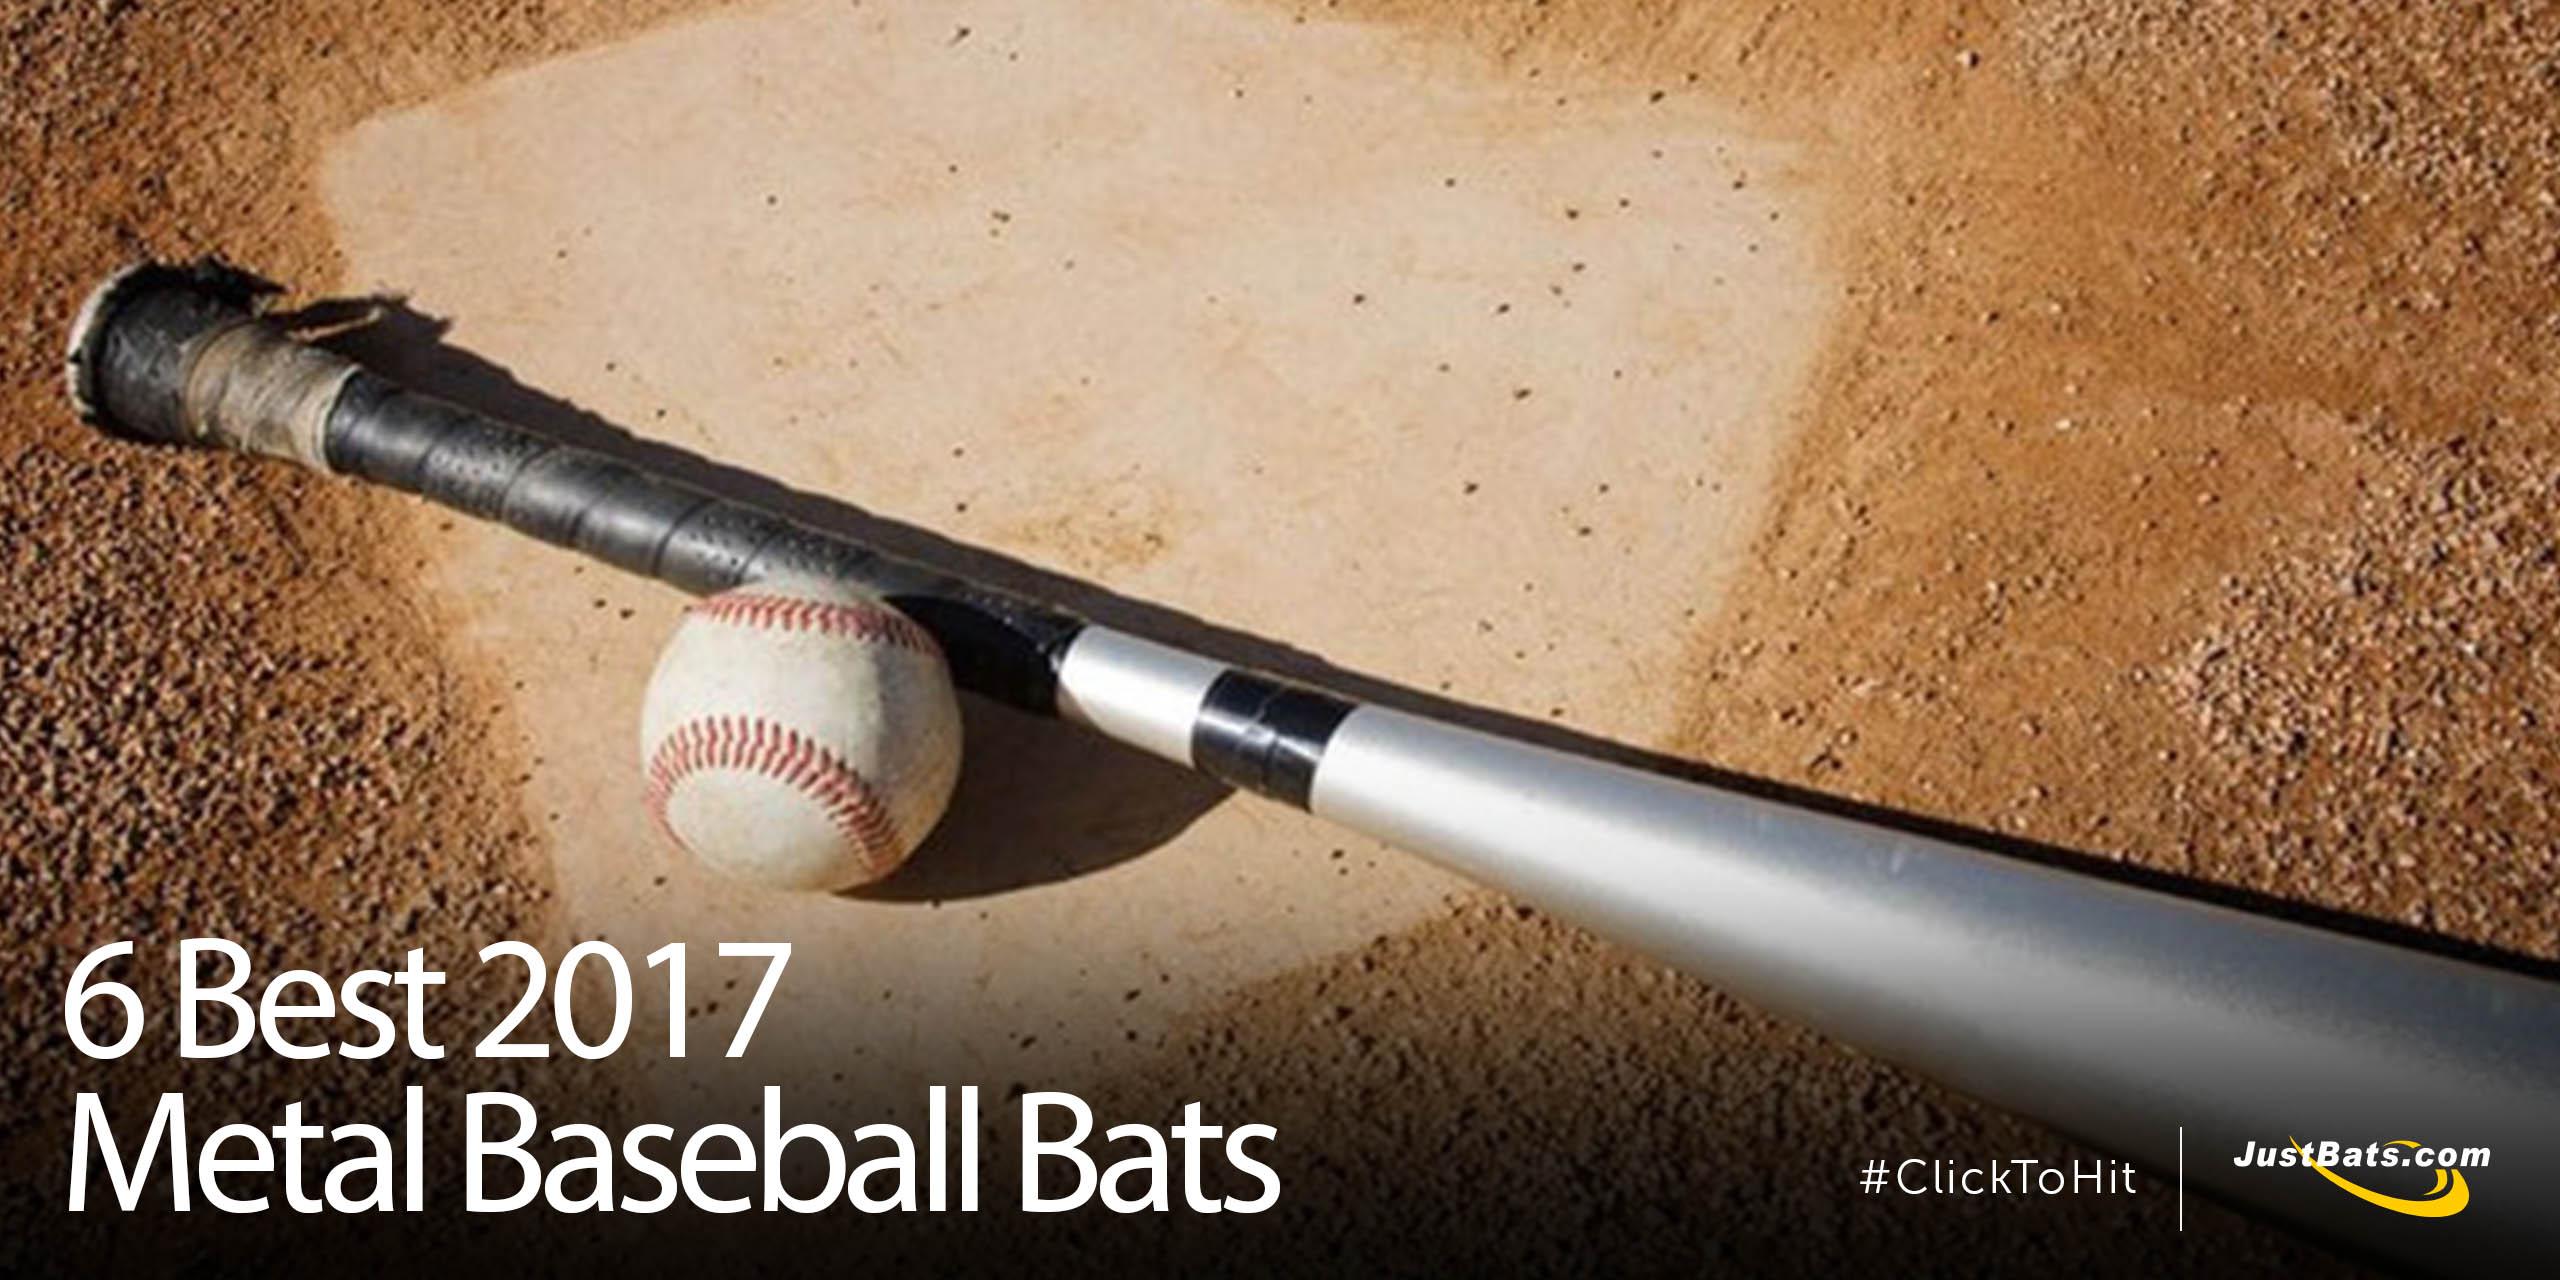 6 Best 2017 Metal Baseball Bats - Blog.jpg